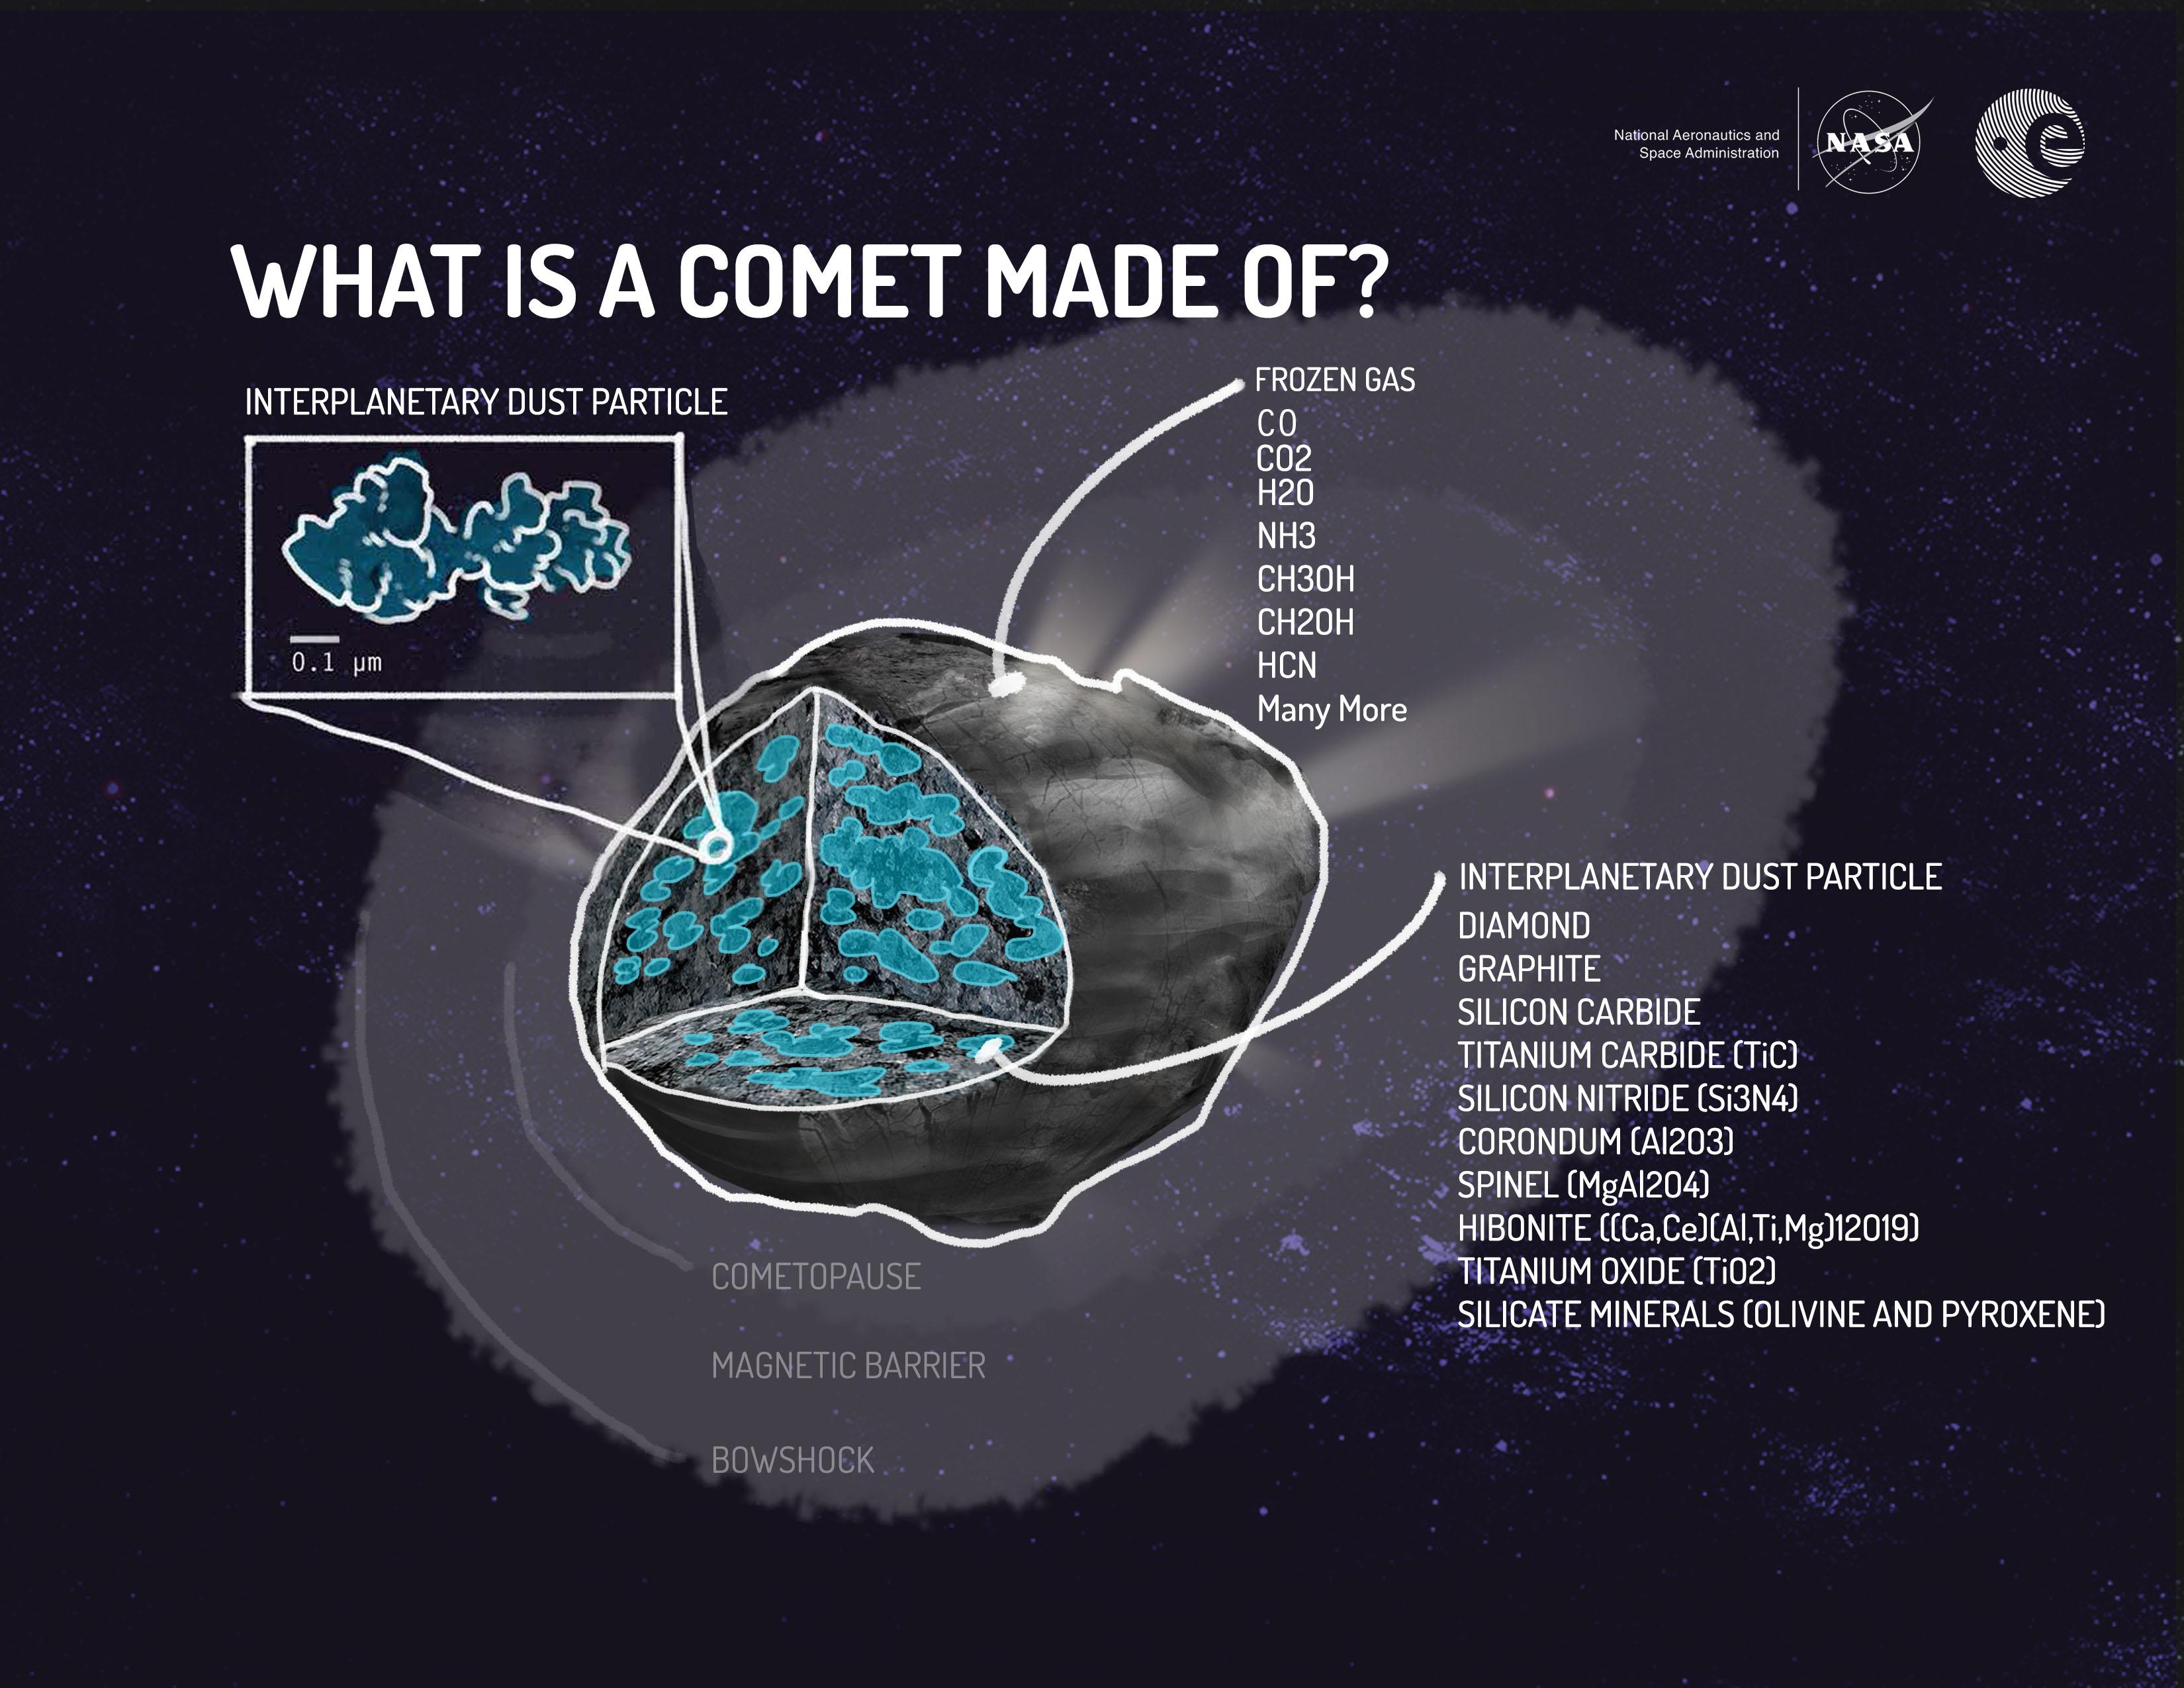 Схематическое изображение состава кометы